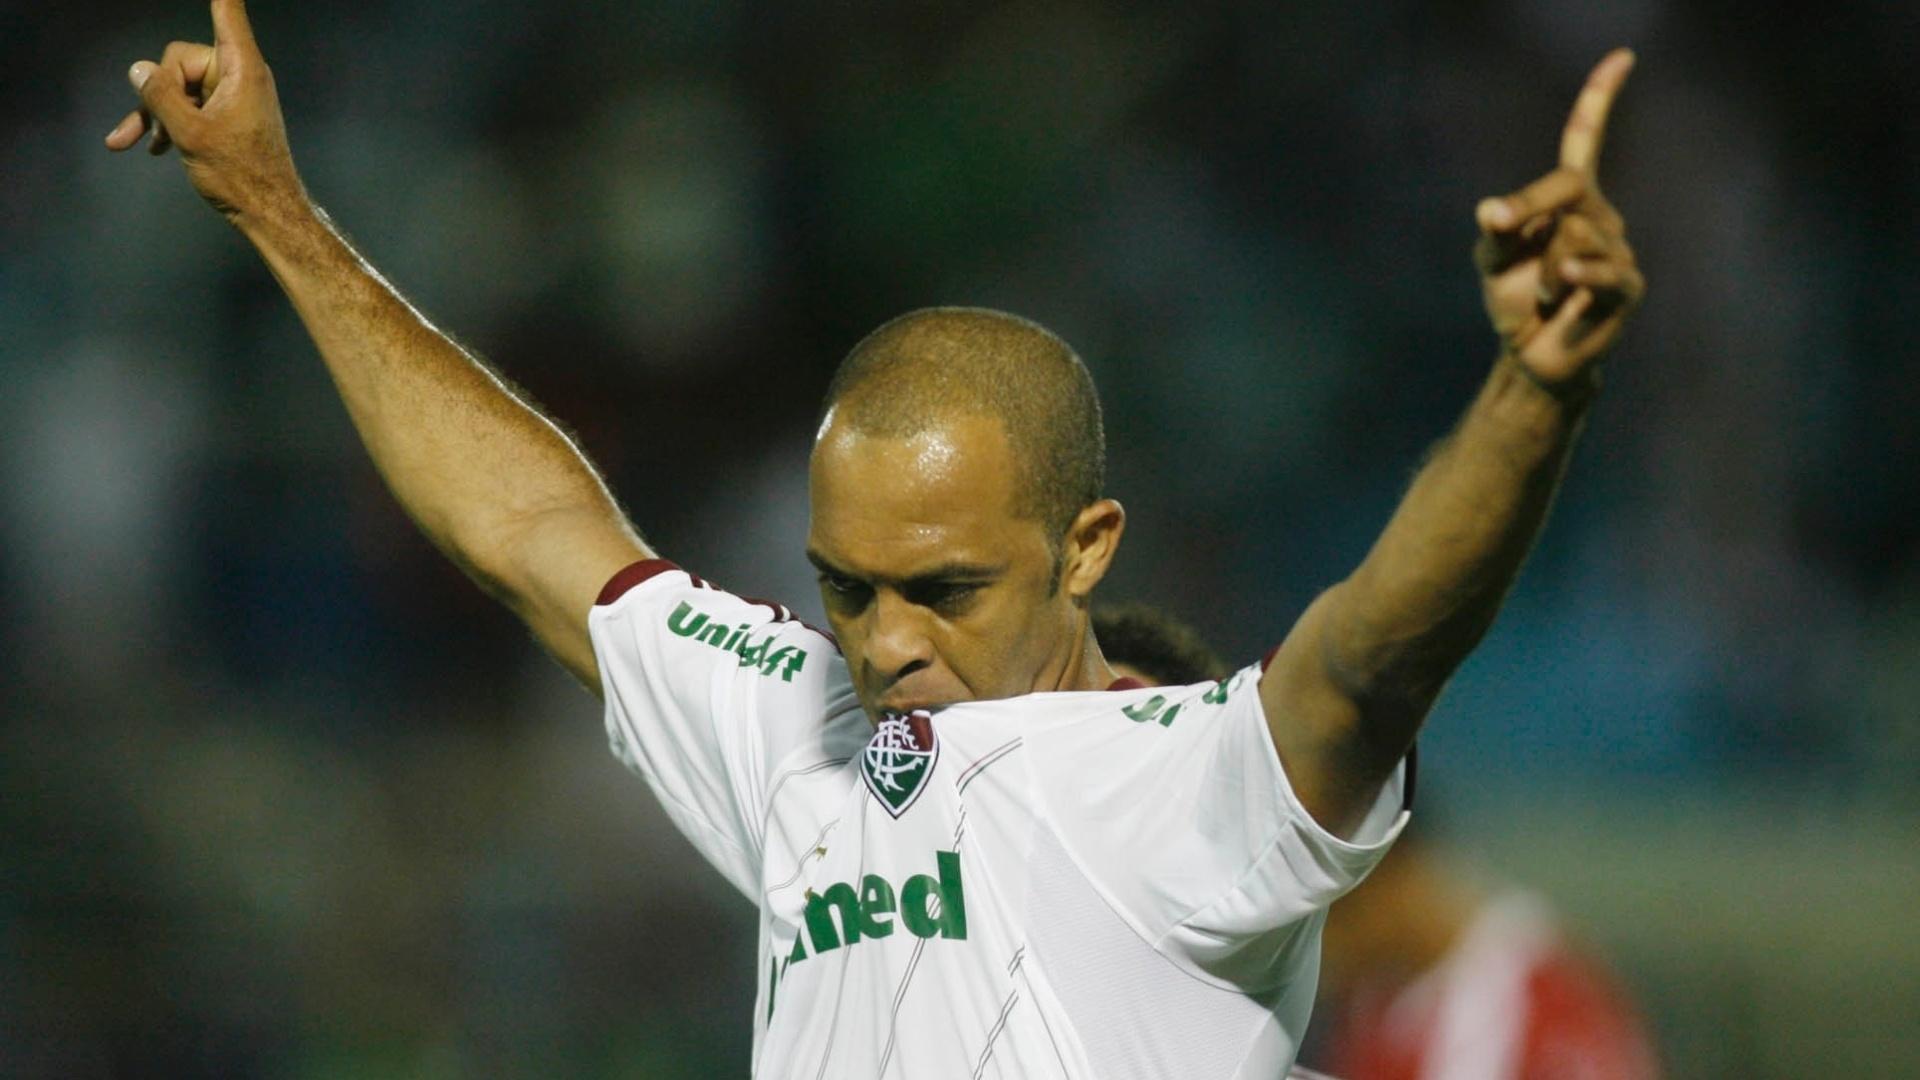 Leandro Euzébio comemora gol marcado na partida entre Fluminense e Náutico pelo Brasileirão